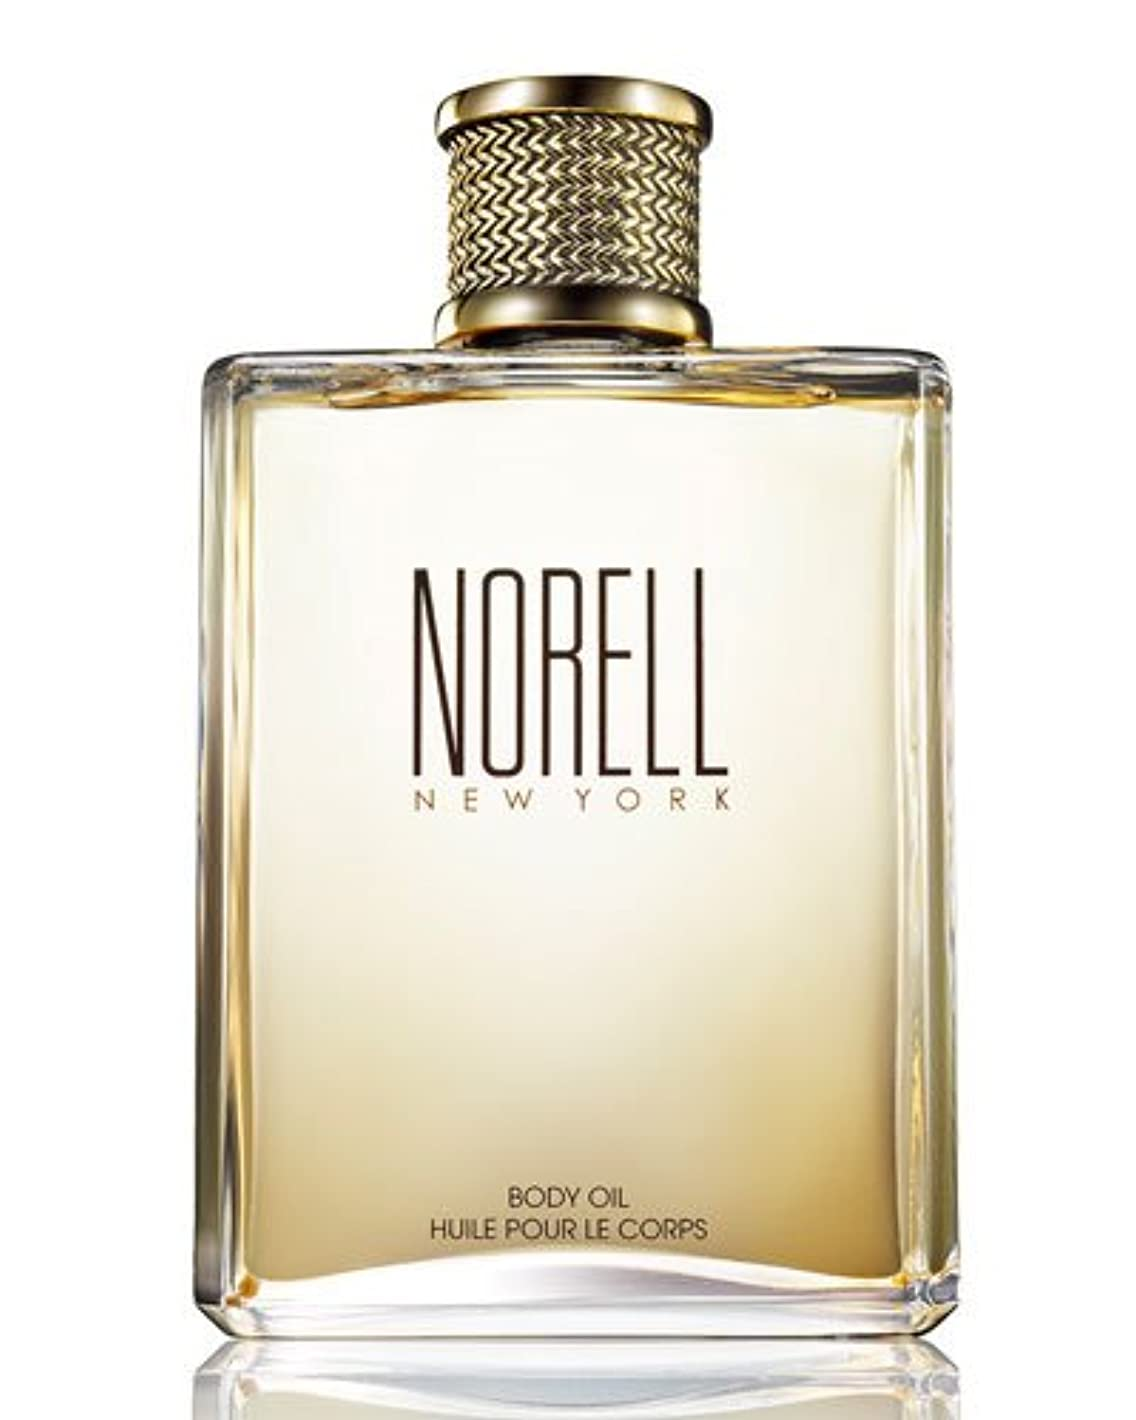 アサート集中個人的なNorell (ノレル) 8.0 oz (240ml) Body Oil by Norell New York